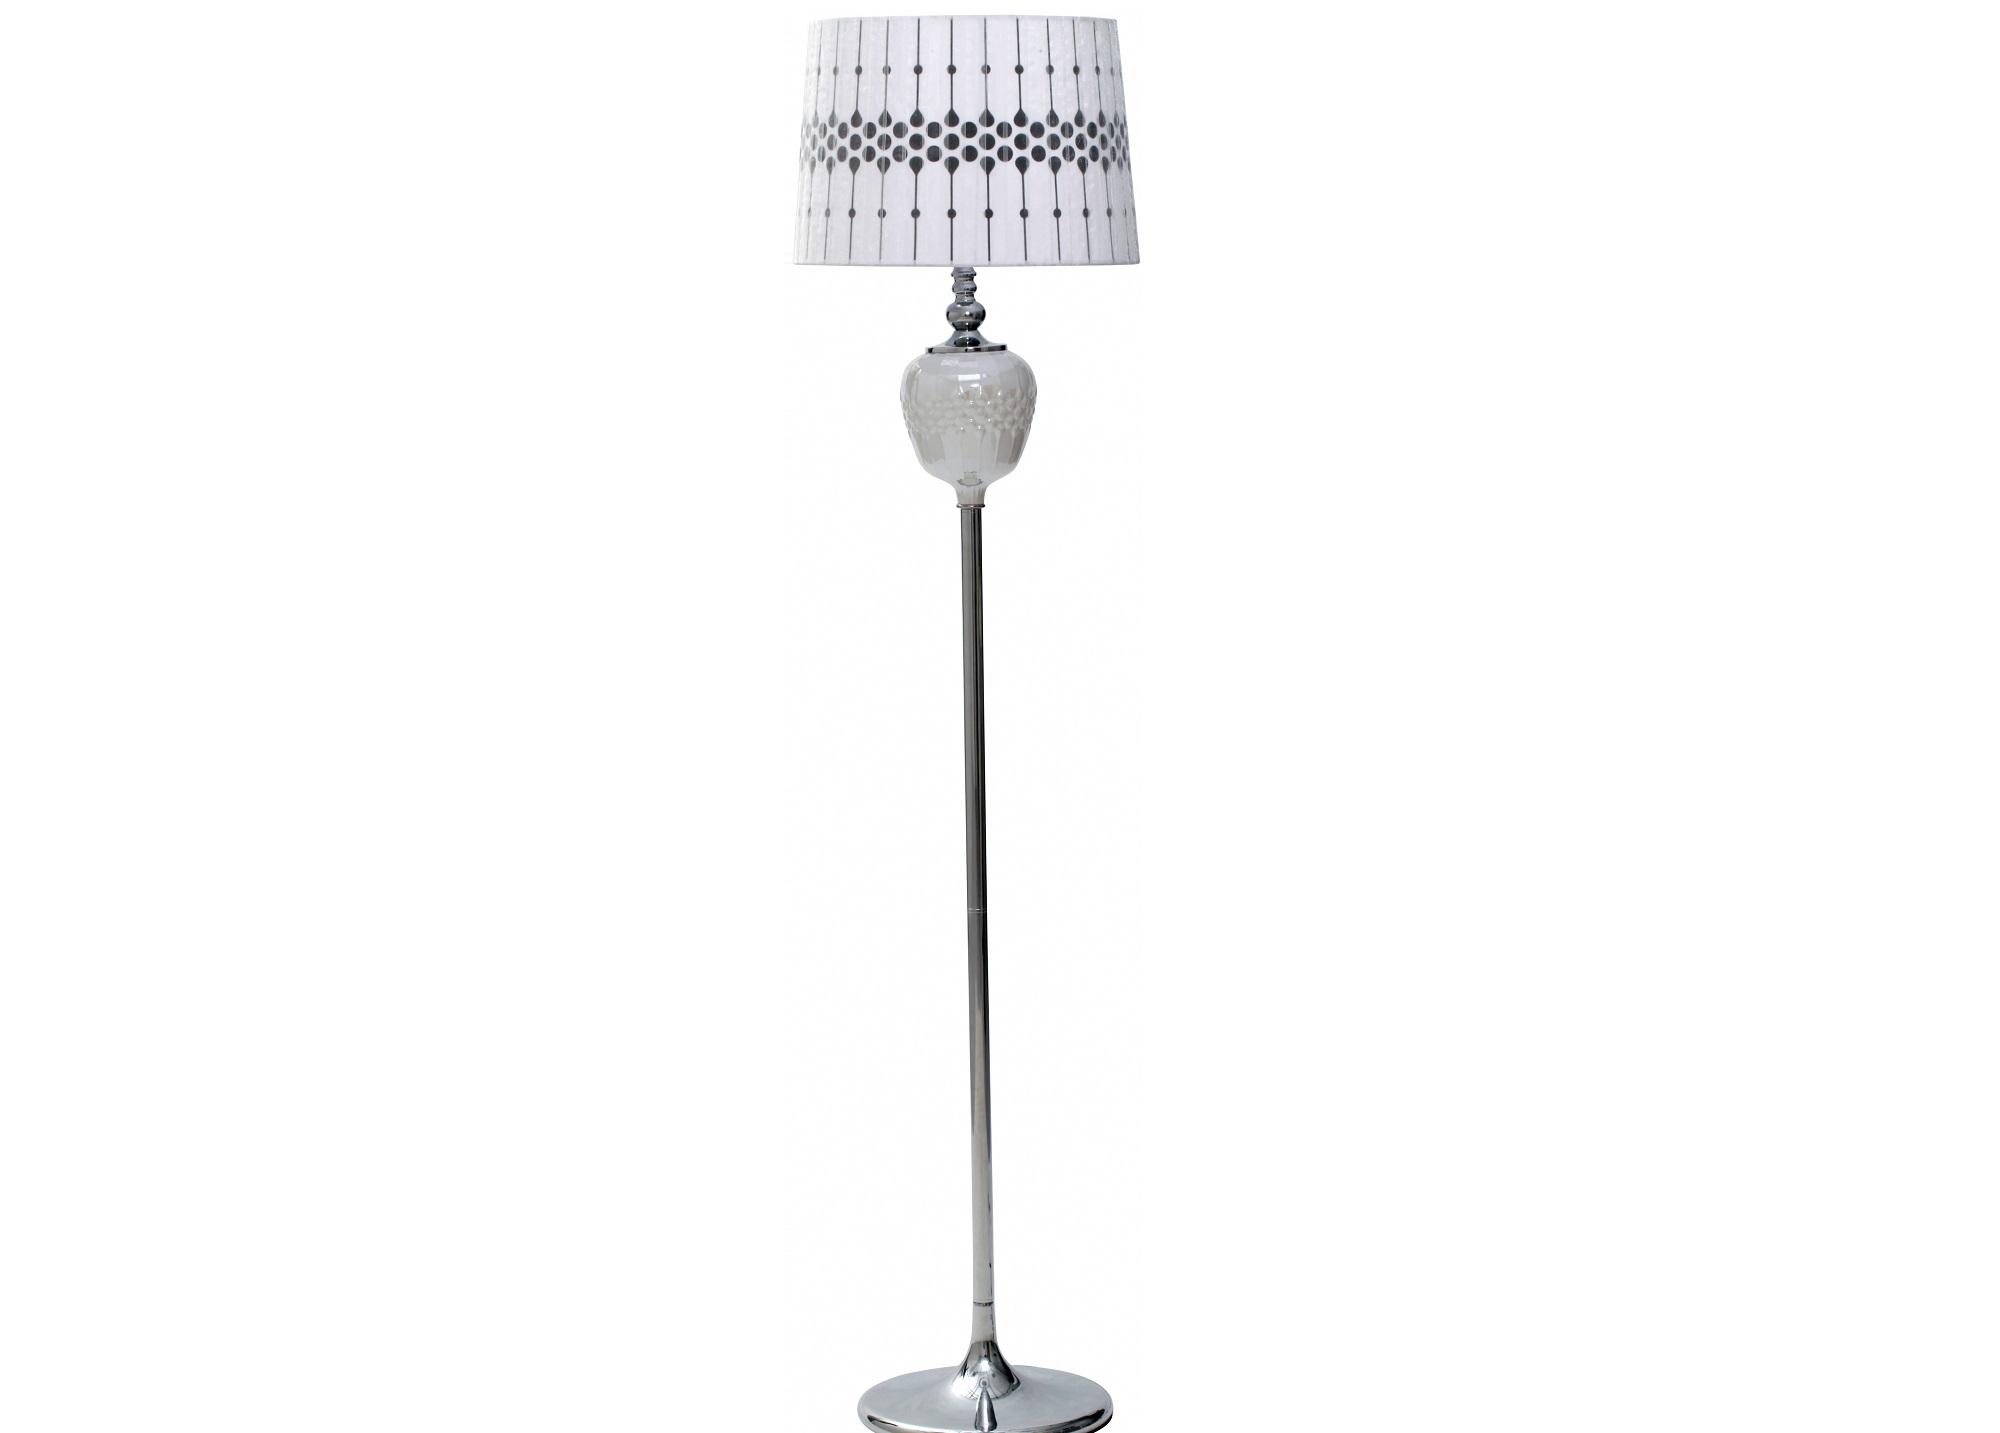 Лампа RoundТоршеры<br>Напольная лампа Round станет прекрасным стилистическим дополнением современного интерьера, создаст атмосферу уюта и комфорта. Плафон обеспечивает мягкое рассеивание света, приятное для глаз. Отличный вариант для дополнительного освещения помещения.&amp;amp;nbsp;&amp;lt;div&amp;gt;&amp;lt;br&amp;gt;&amp;lt;div&amp;gt;&amp;lt;span style=&amp;quot;font-size: 14px;&amp;quot;&amp;gt;Мощность: 40W&amp;lt;/span&amp;gt;&amp;lt;/div&amp;gt;&amp;lt;div&amp;gt;&amp;lt;span style=&amp;quot;font-size: 14px;&amp;quot;&amp;gt;Вид &amp;lt;/span&amp;gt;цоколя&amp;lt;span style=&amp;quot;font-size: 14px;&amp;quot;&amp;gt;: Е27&amp;lt;/span&amp;gt;&amp;lt;/div&amp;gt;&amp;lt;div&amp;gt;&amp;lt;span style=&amp;quot;font-size: 14px;&amp;quot;&amp;gt;Количество ламп: 1.&amp;amp;nbsp;&amp;lt;/span&amp;gt;&amp;lt;/div&amp;gt;&amp;lt;div&amp;gt;&amp;lt;span style=&amp;quot;font-size: 14px;&amp;quot;&amp;gt;Лампа в комплект не входит.&amp;lt;/span&amp;gt;&amp;lt;/div&amp;gt;&amp;lt;div&amp;gt;&amp;lt;span style=&amp;quot;font-size: 14px;&amp;quot;&amp;gt;Требуется монтаж абажура.&amp;lt;/span&amp;gt;&amp;lt;span style=&amp;quot;font-size: 14px;&amp;quot;&amp;gt;&amp;lt;br&amp;gt;&amp;lt;/span&amp;gt;&amp;lt;/div&amp;gt;&amp;lt;div&amp;gt;&amp;lt;span style=&amp;quot;font-size: 14px;&amp;quot;&amp;gt;Материал основания: керамика, сталь.&amp;lt;/span&amp;gt;&amp;lt;span style=&amp;quot;font-size: 14px;&amp;quot;&amp;gt;&amp;lt;br&amp;gt;&amp;lt;/span&amp;gt;&amp;lt;/div&amp;gt;&amp;lt;div&amp;gt;&amp;lt;span style=&amp;quot;font-size: 14px;&amp;quot;&amp;gt;&amp;lt;br&amp;gt;&amp;lt;/span&amp;gt;&amp;lt;/div&amp;gt;&amp;lt;div&amp;gt;&amp;lt;br&amp;gt;&amp;lt;/div&amp;gt;&amp;lt;/div&amp;gt;<br><br>Material: Сталь<br>Height см: 160<br>Diameter см: 38